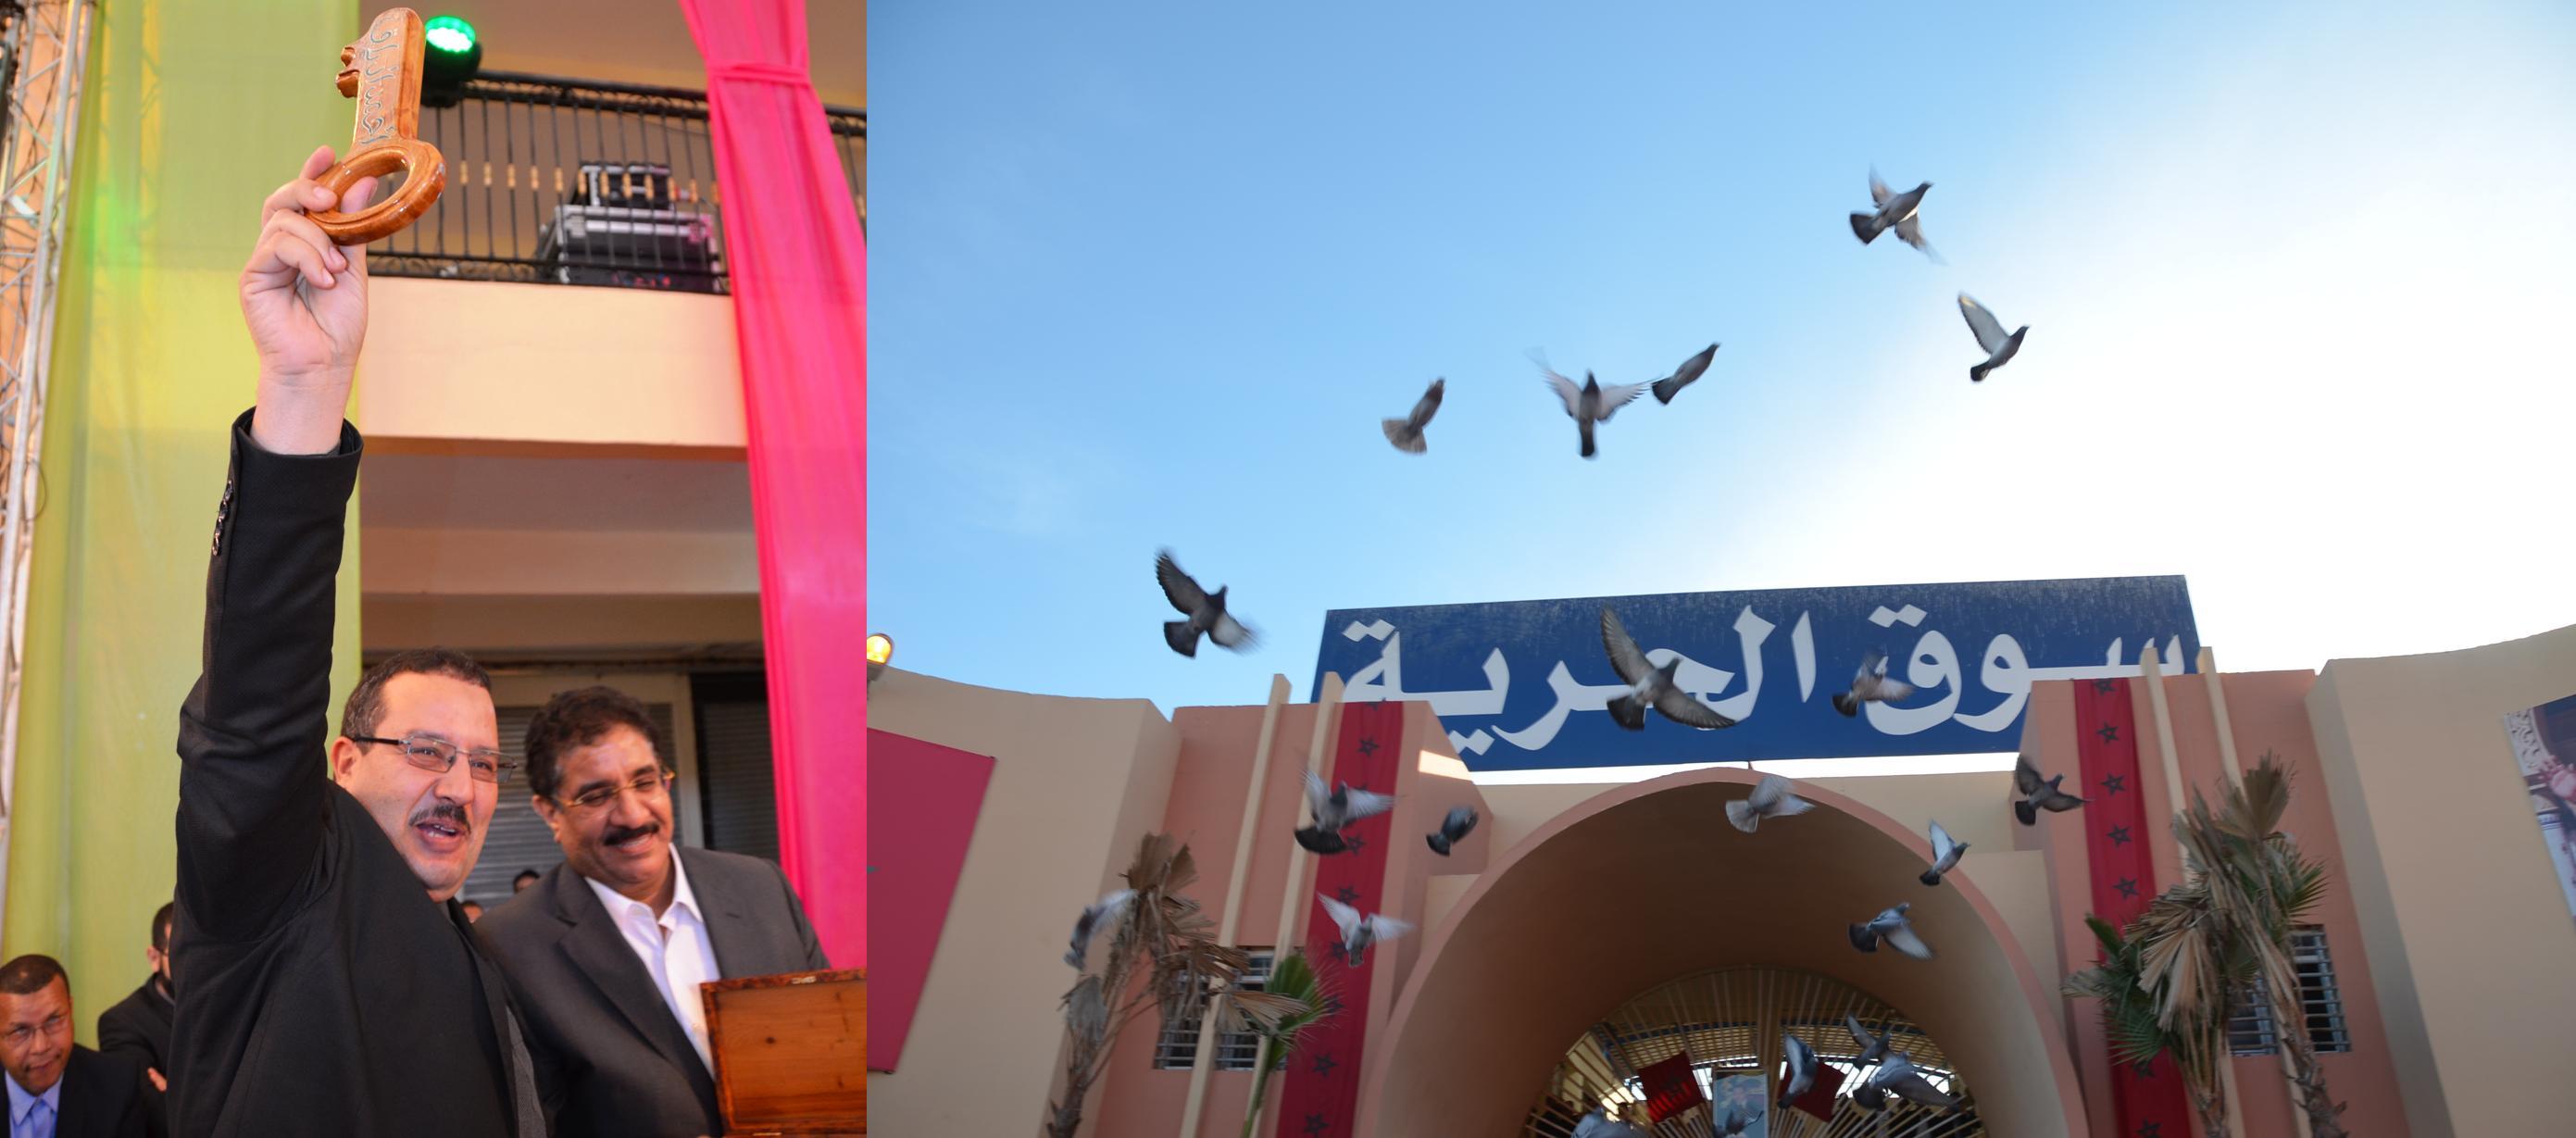 أنزكان: يلقي بنفسه من فوق البلدية احتجاجا على سوق الحرية